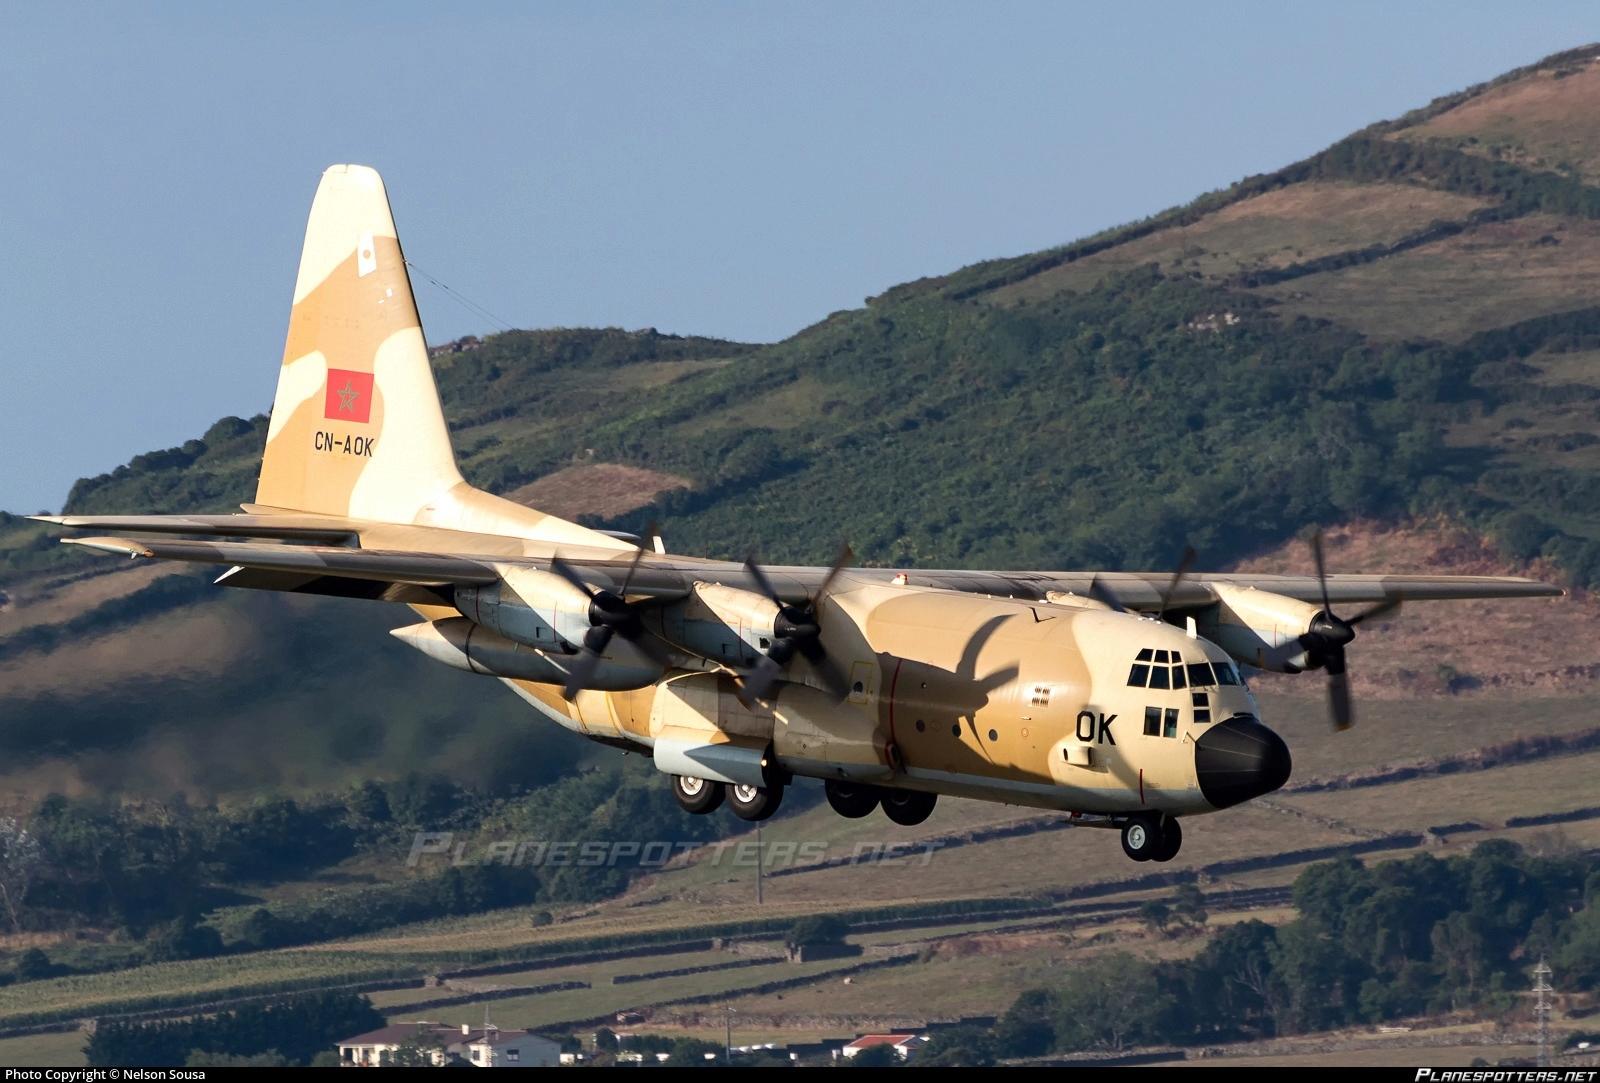 FRA: Photos d'avions de transport - Page 38 Clipb398